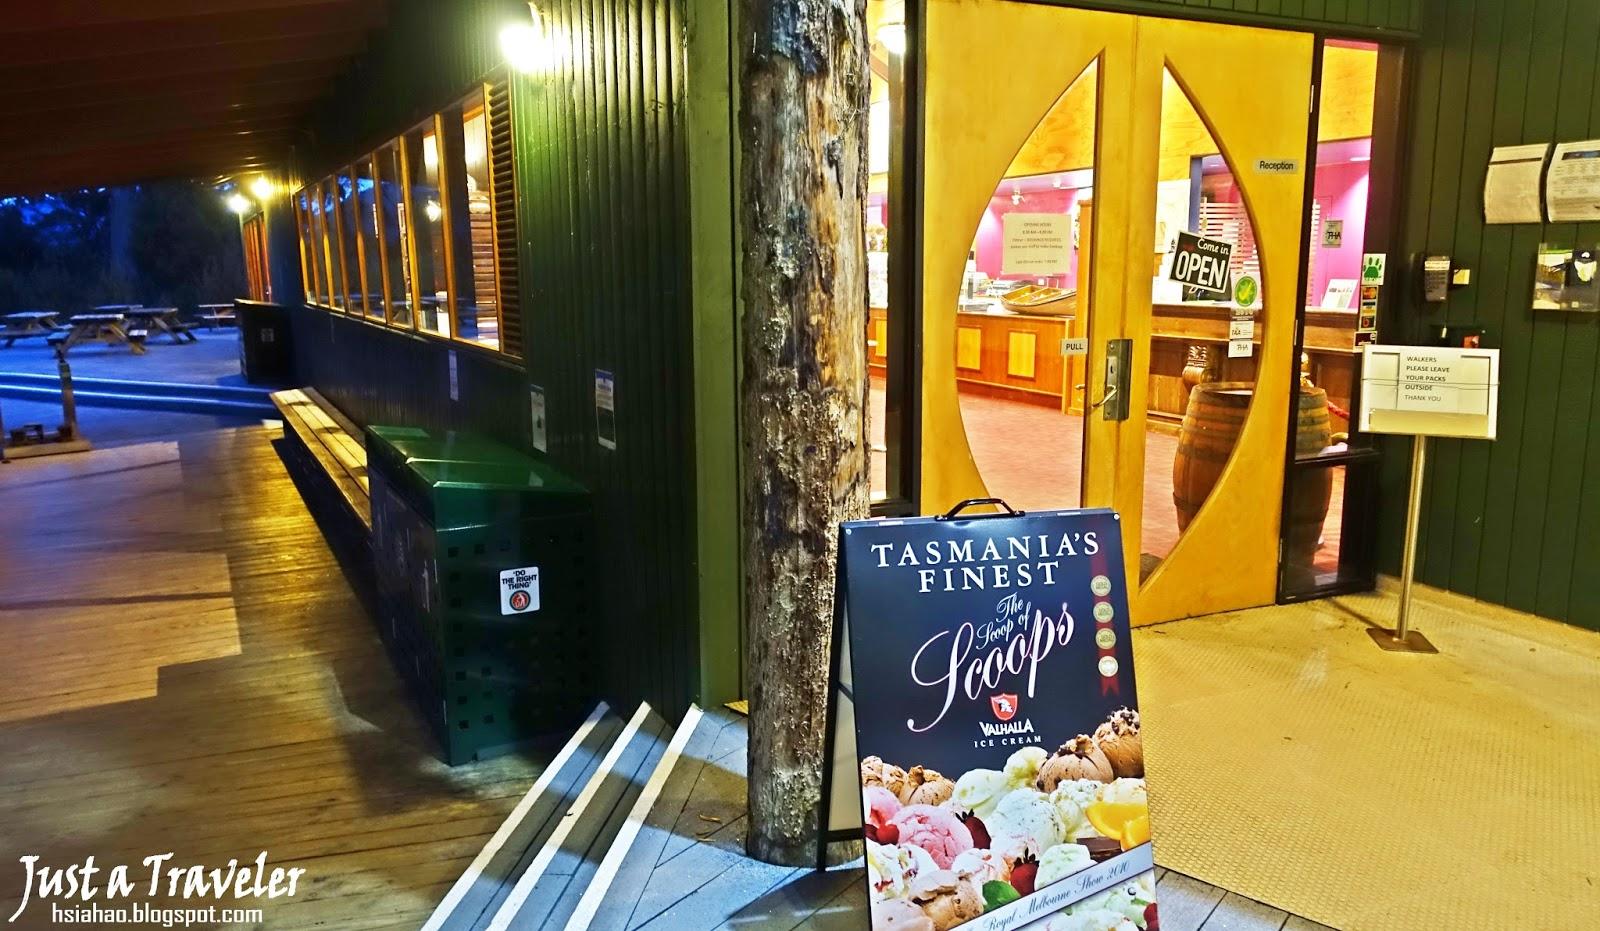 塔斯馬尼亞-景點-推薦-搖籃山-美食-旅遊-自由行-澳洲-Tasmania-Cradle Mountain-Lake-St-Clair-National-Park-Australia